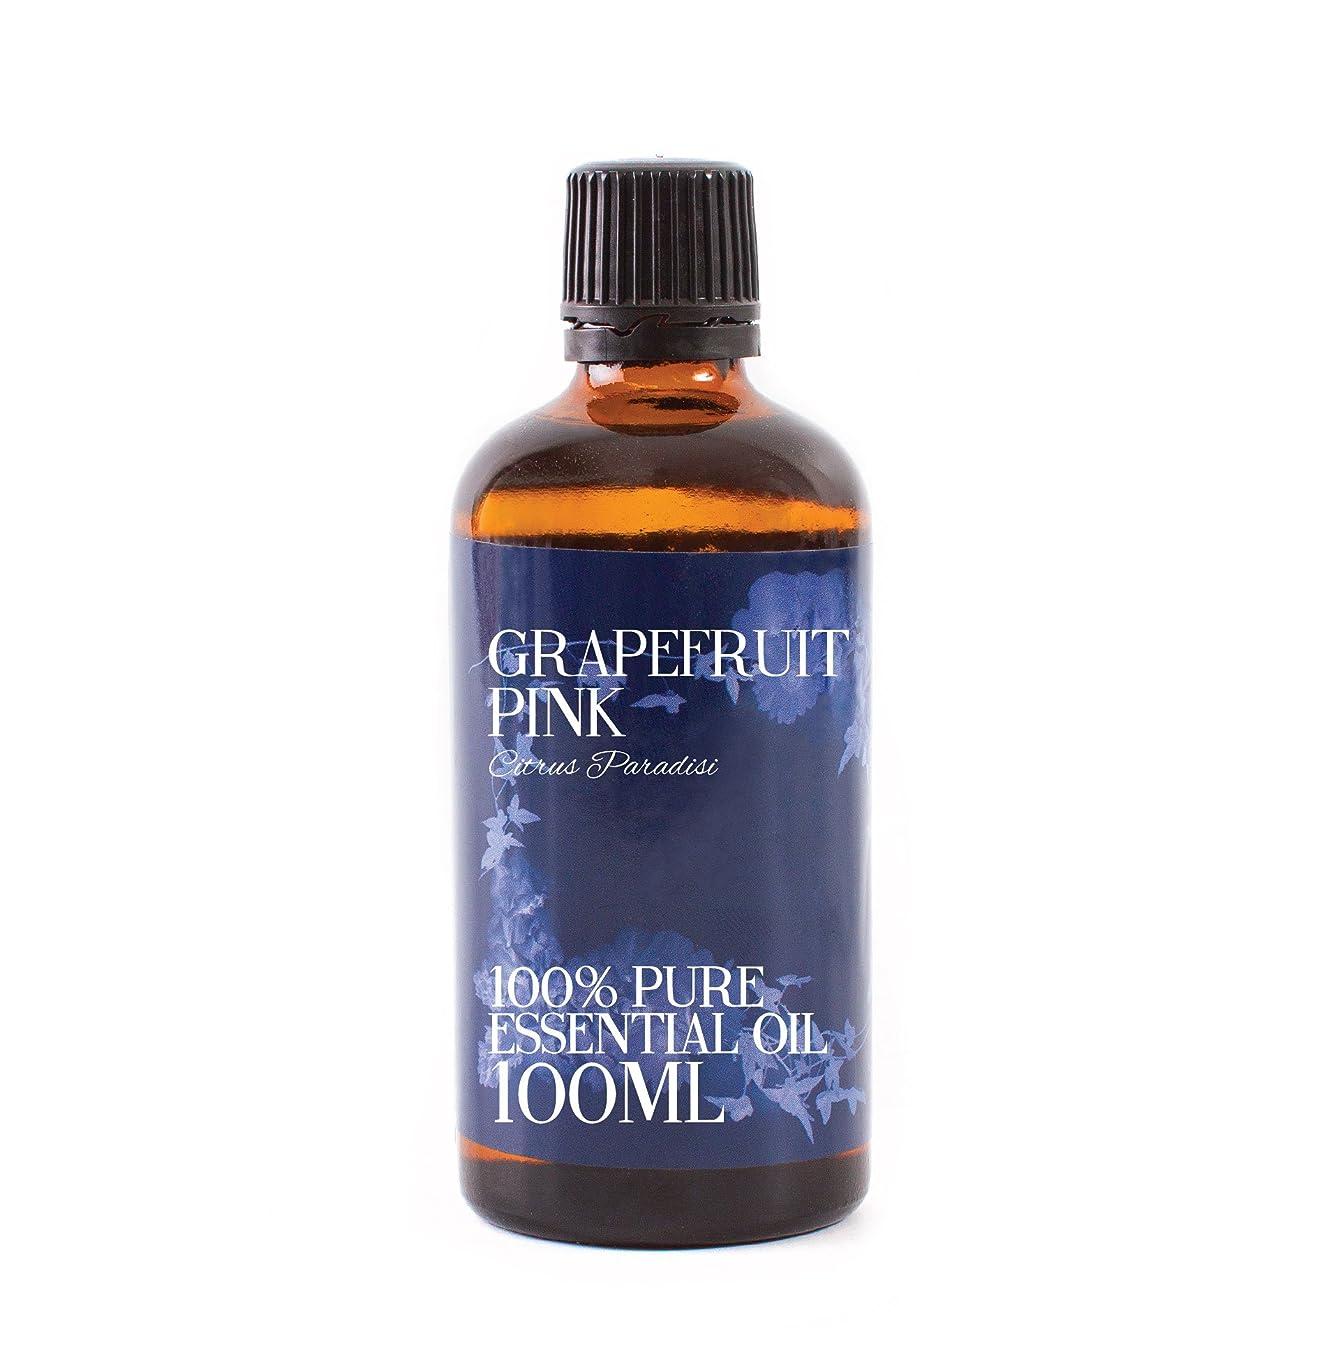 樫の木ロンドントロピカルMystic Moments | Grapefruit Pink Essential Oil - 100ml - 100% Pure